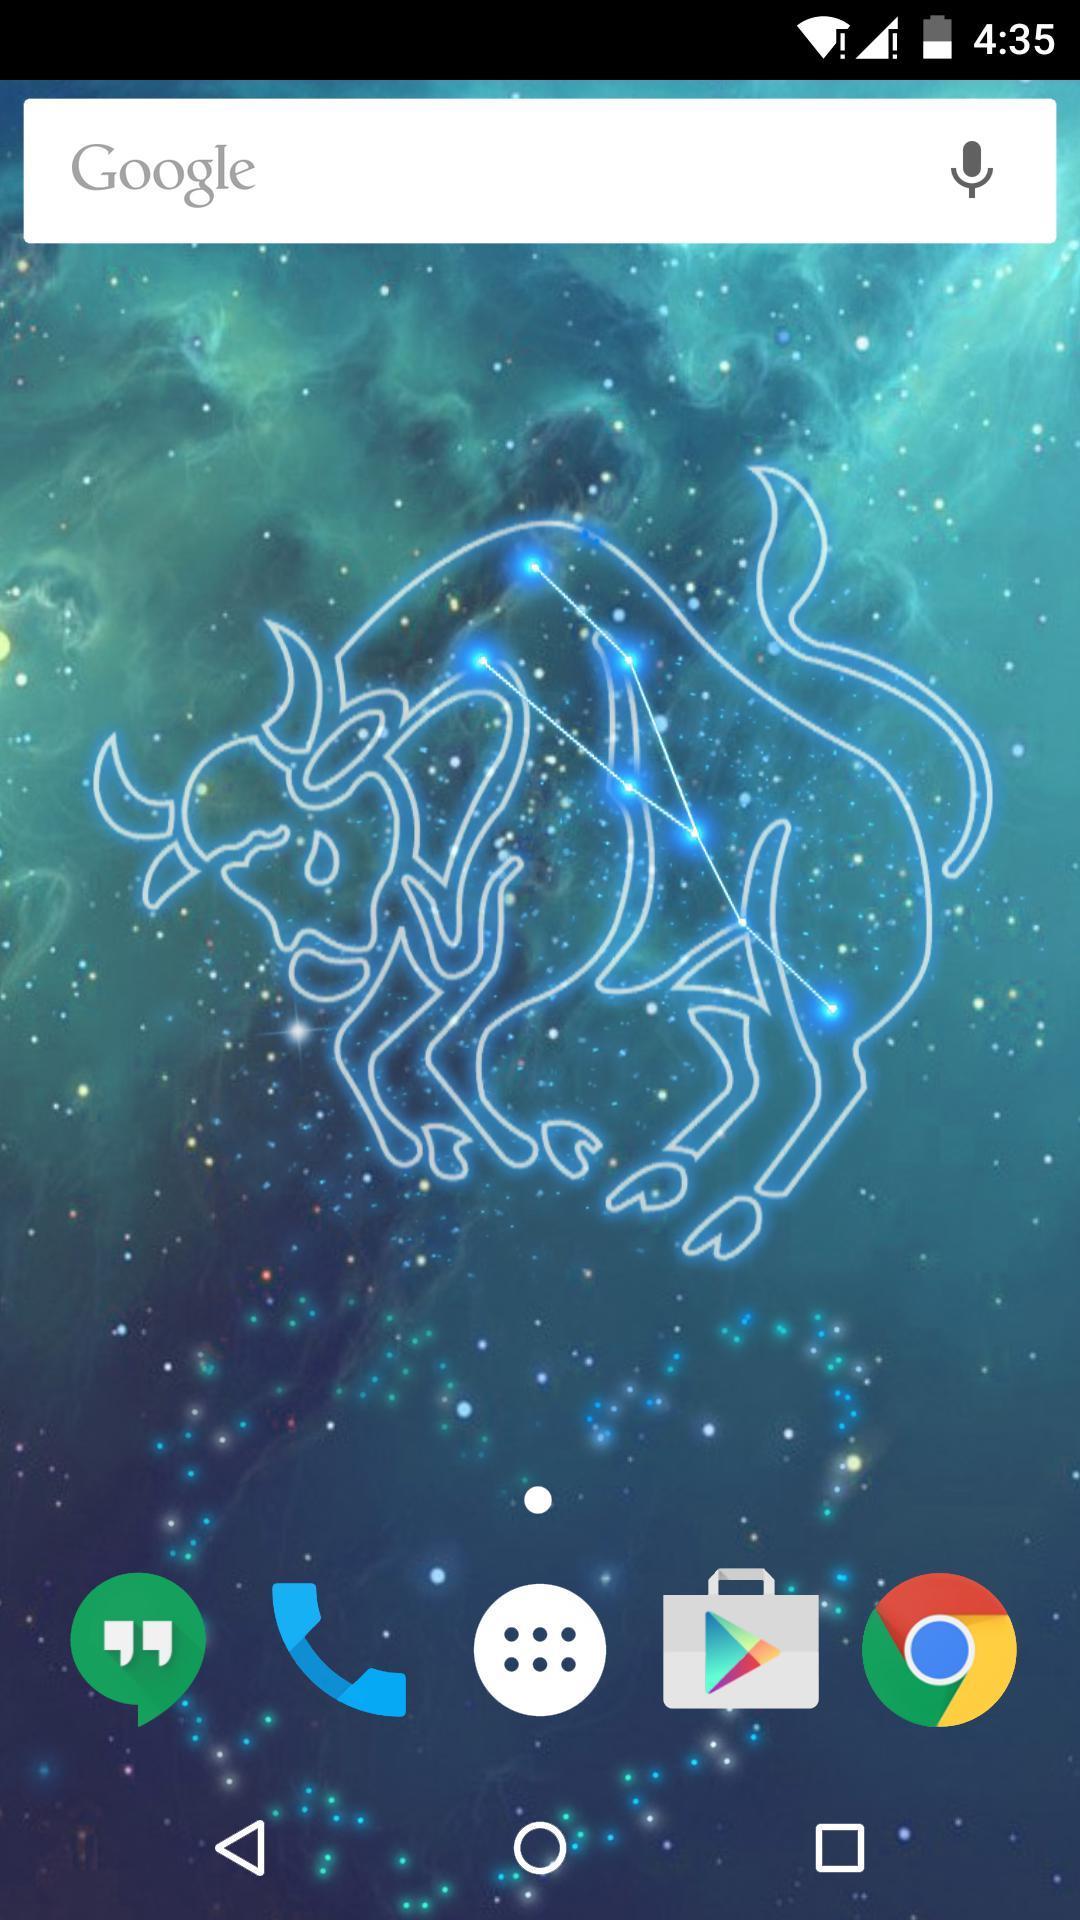 金牛座-梦象动态壁纸